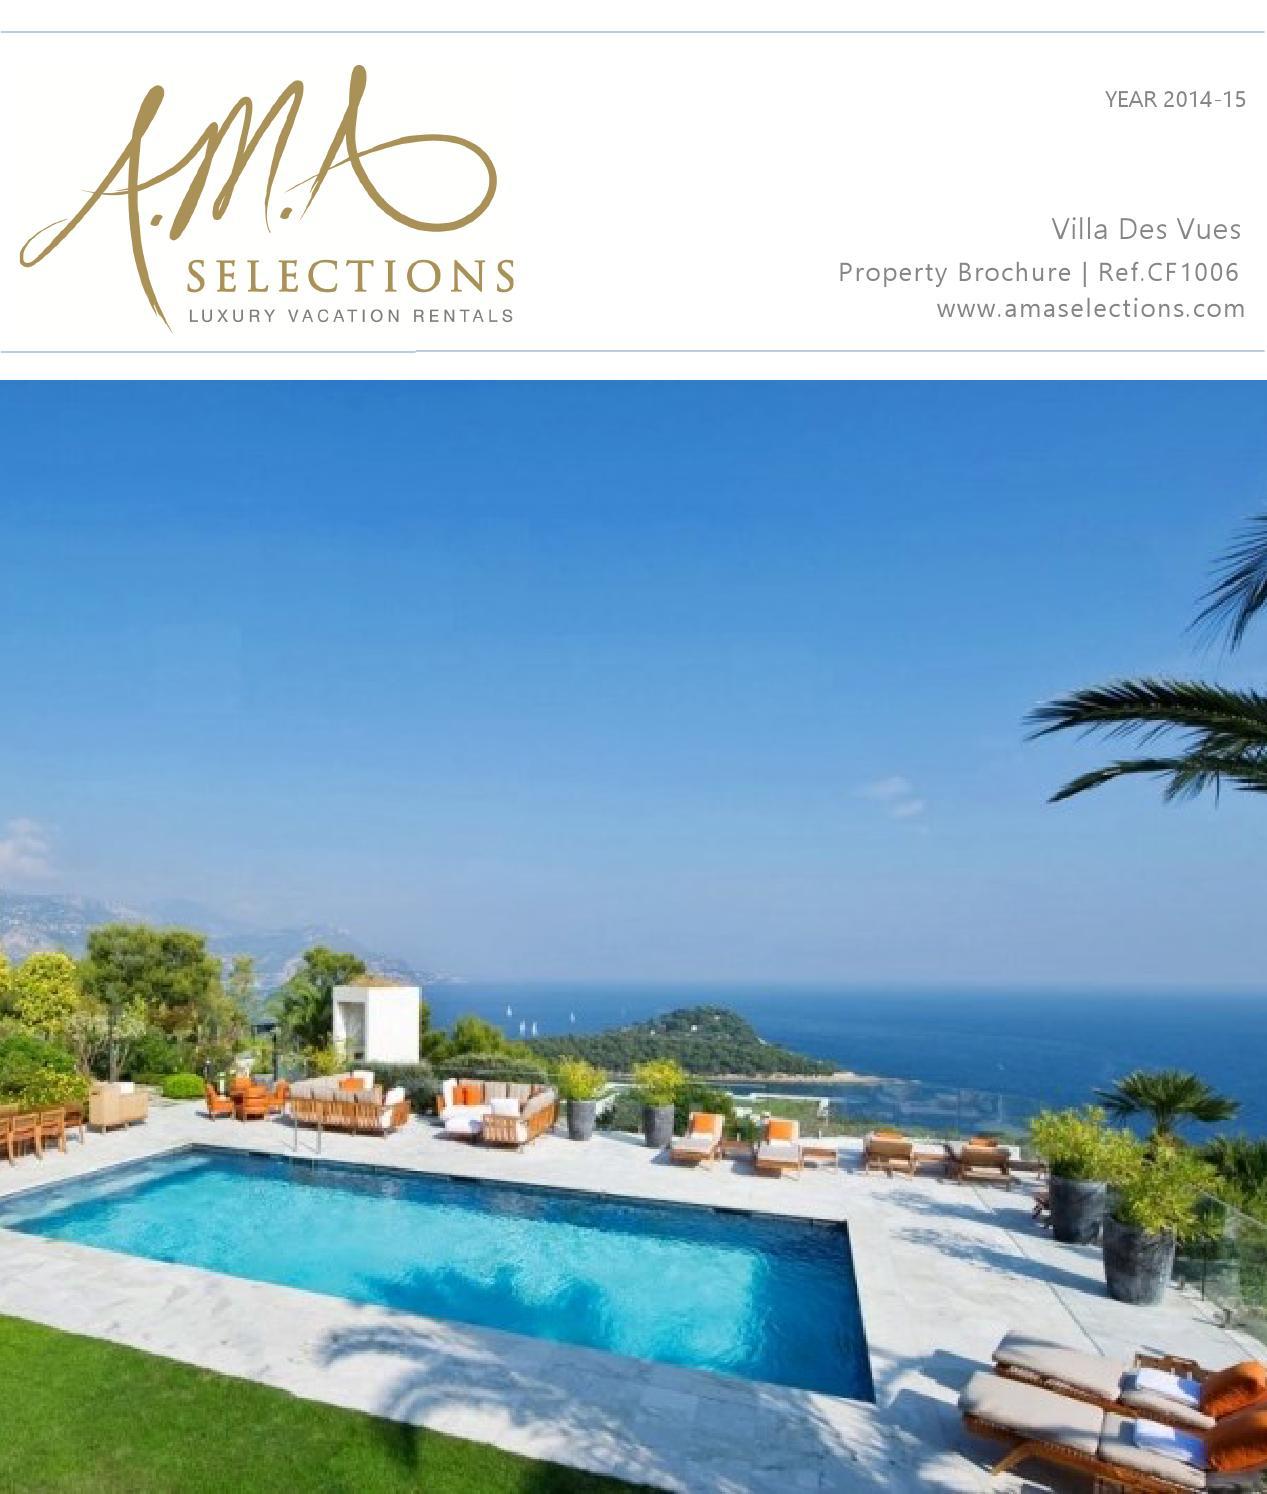 Villa Bellevue | Luxury 7 bedroom villa for rent in Saint